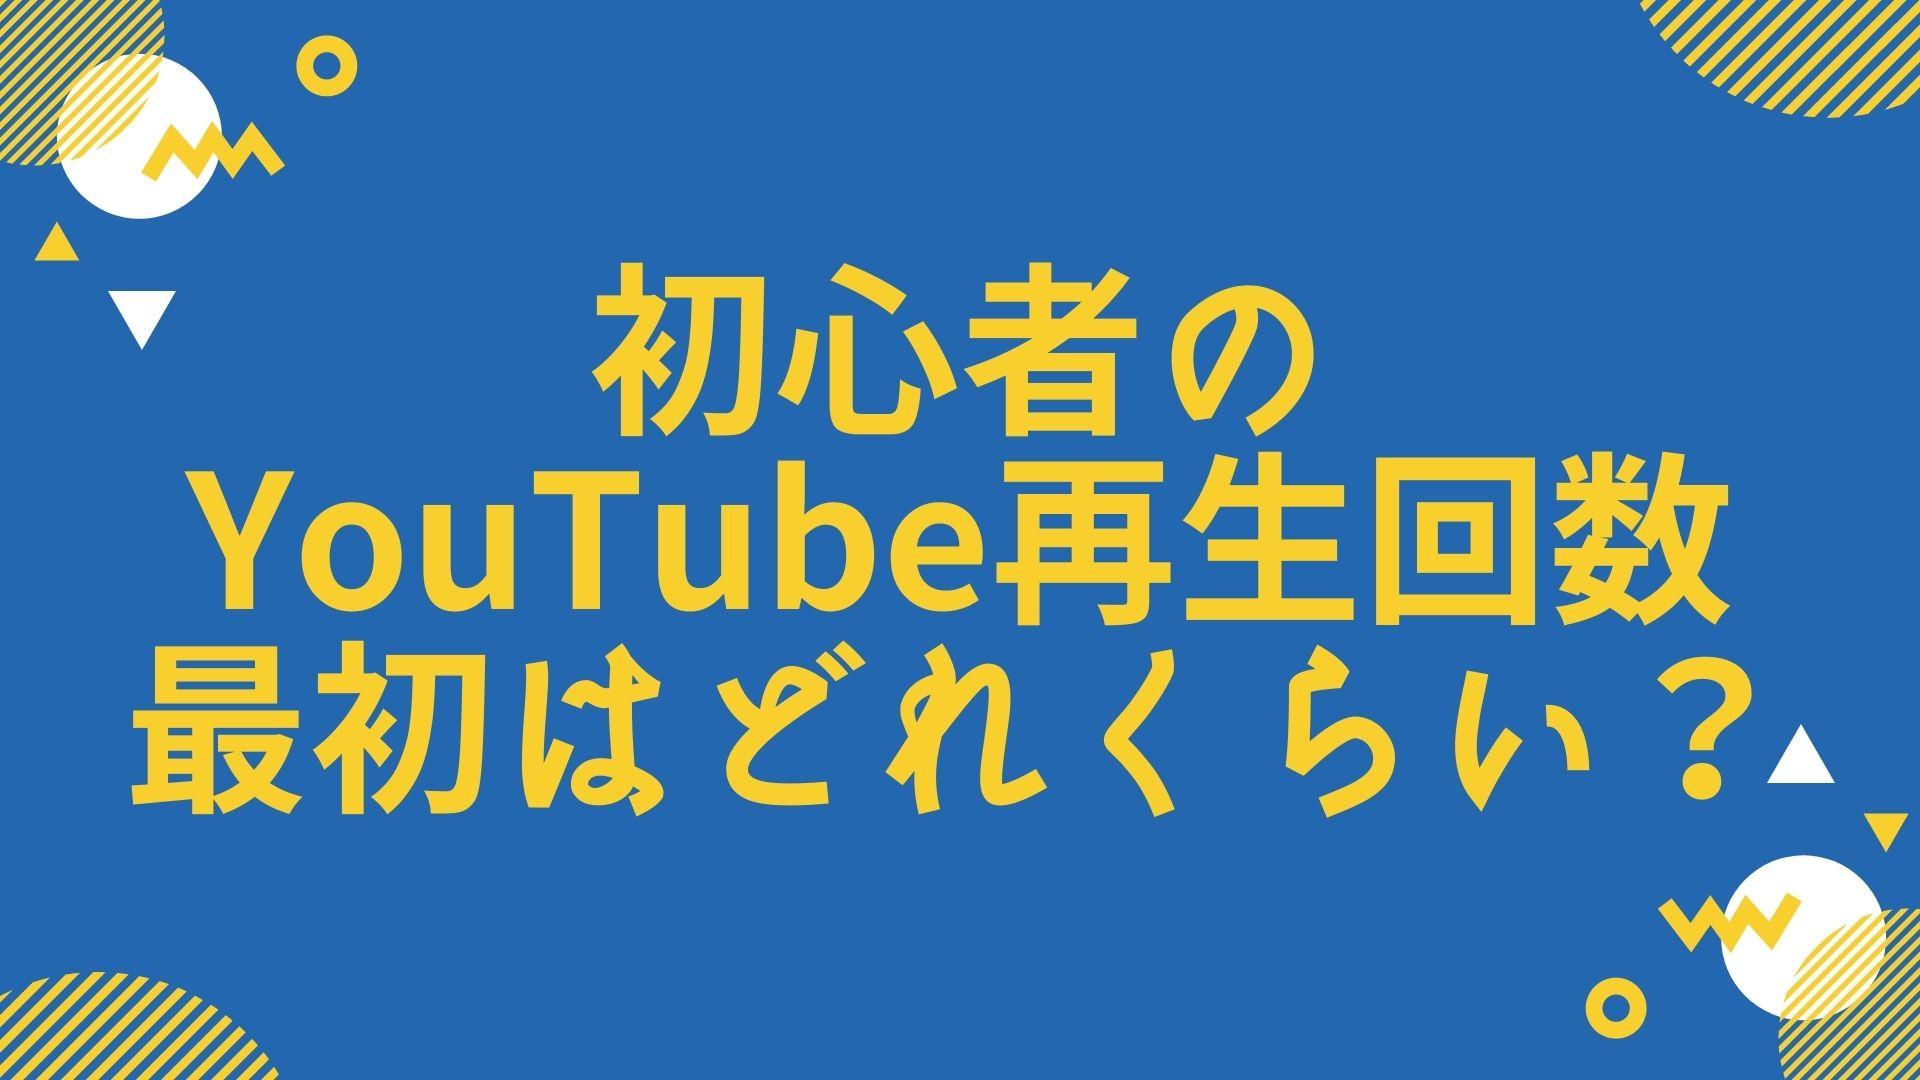 初心者のYouTube再生回数、最初はどれくらい?